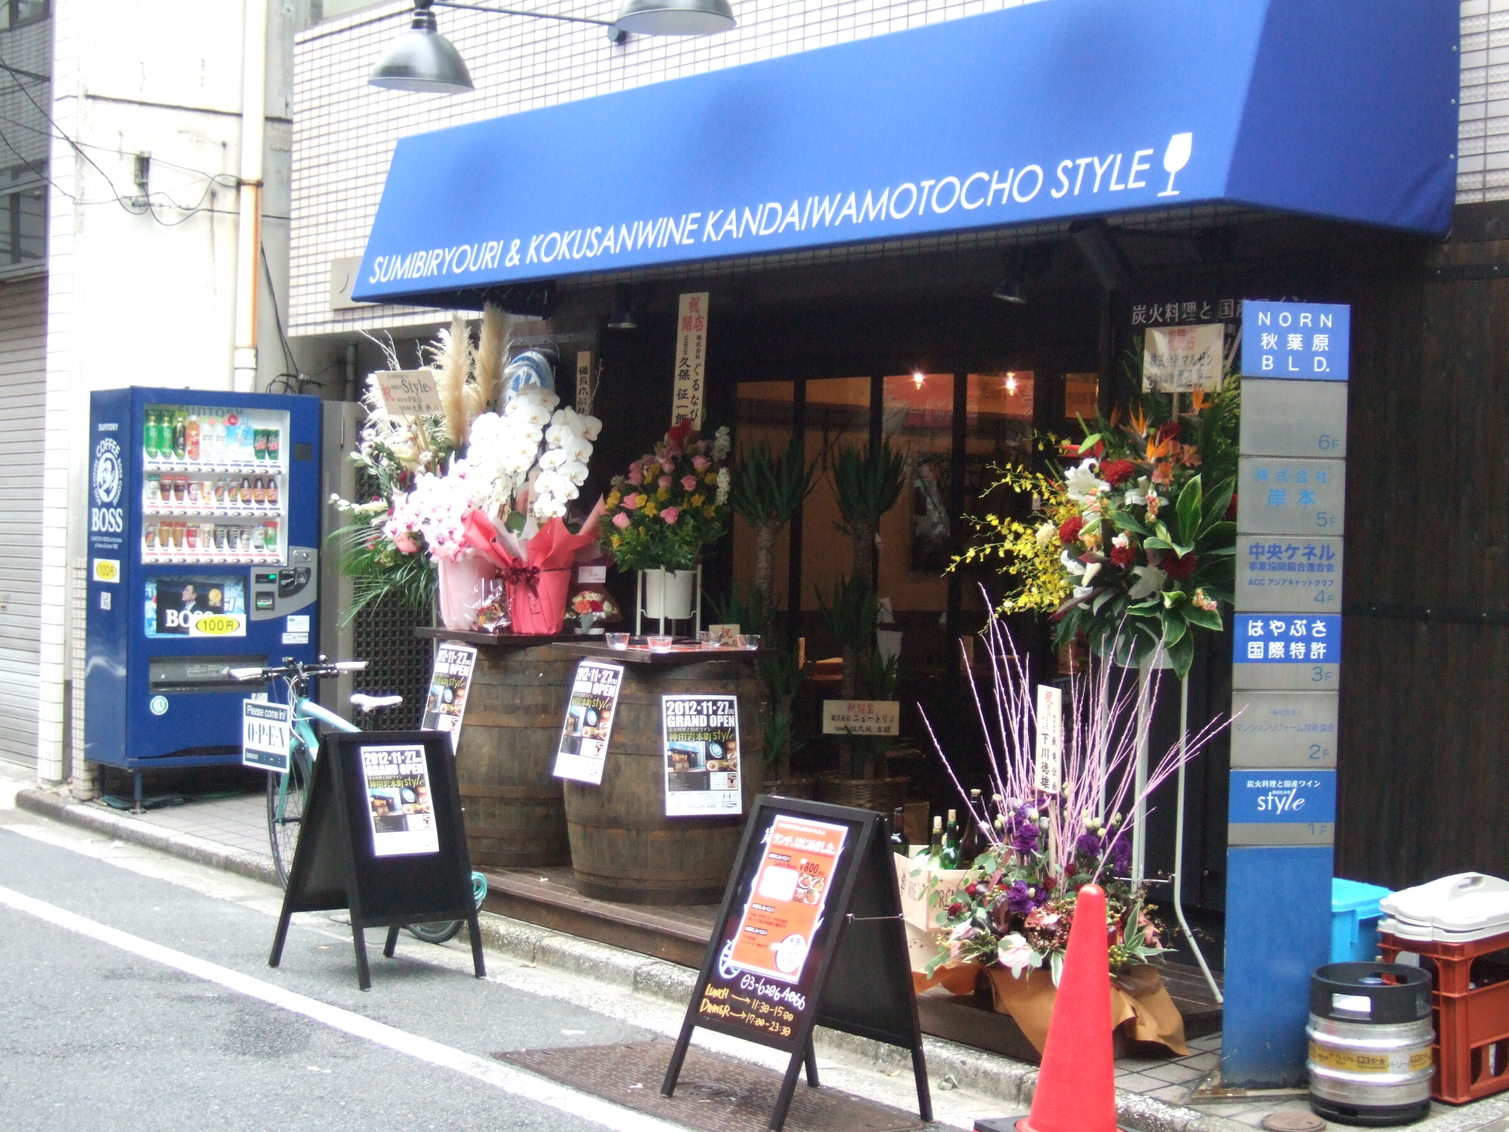 神田岩本町style 本店